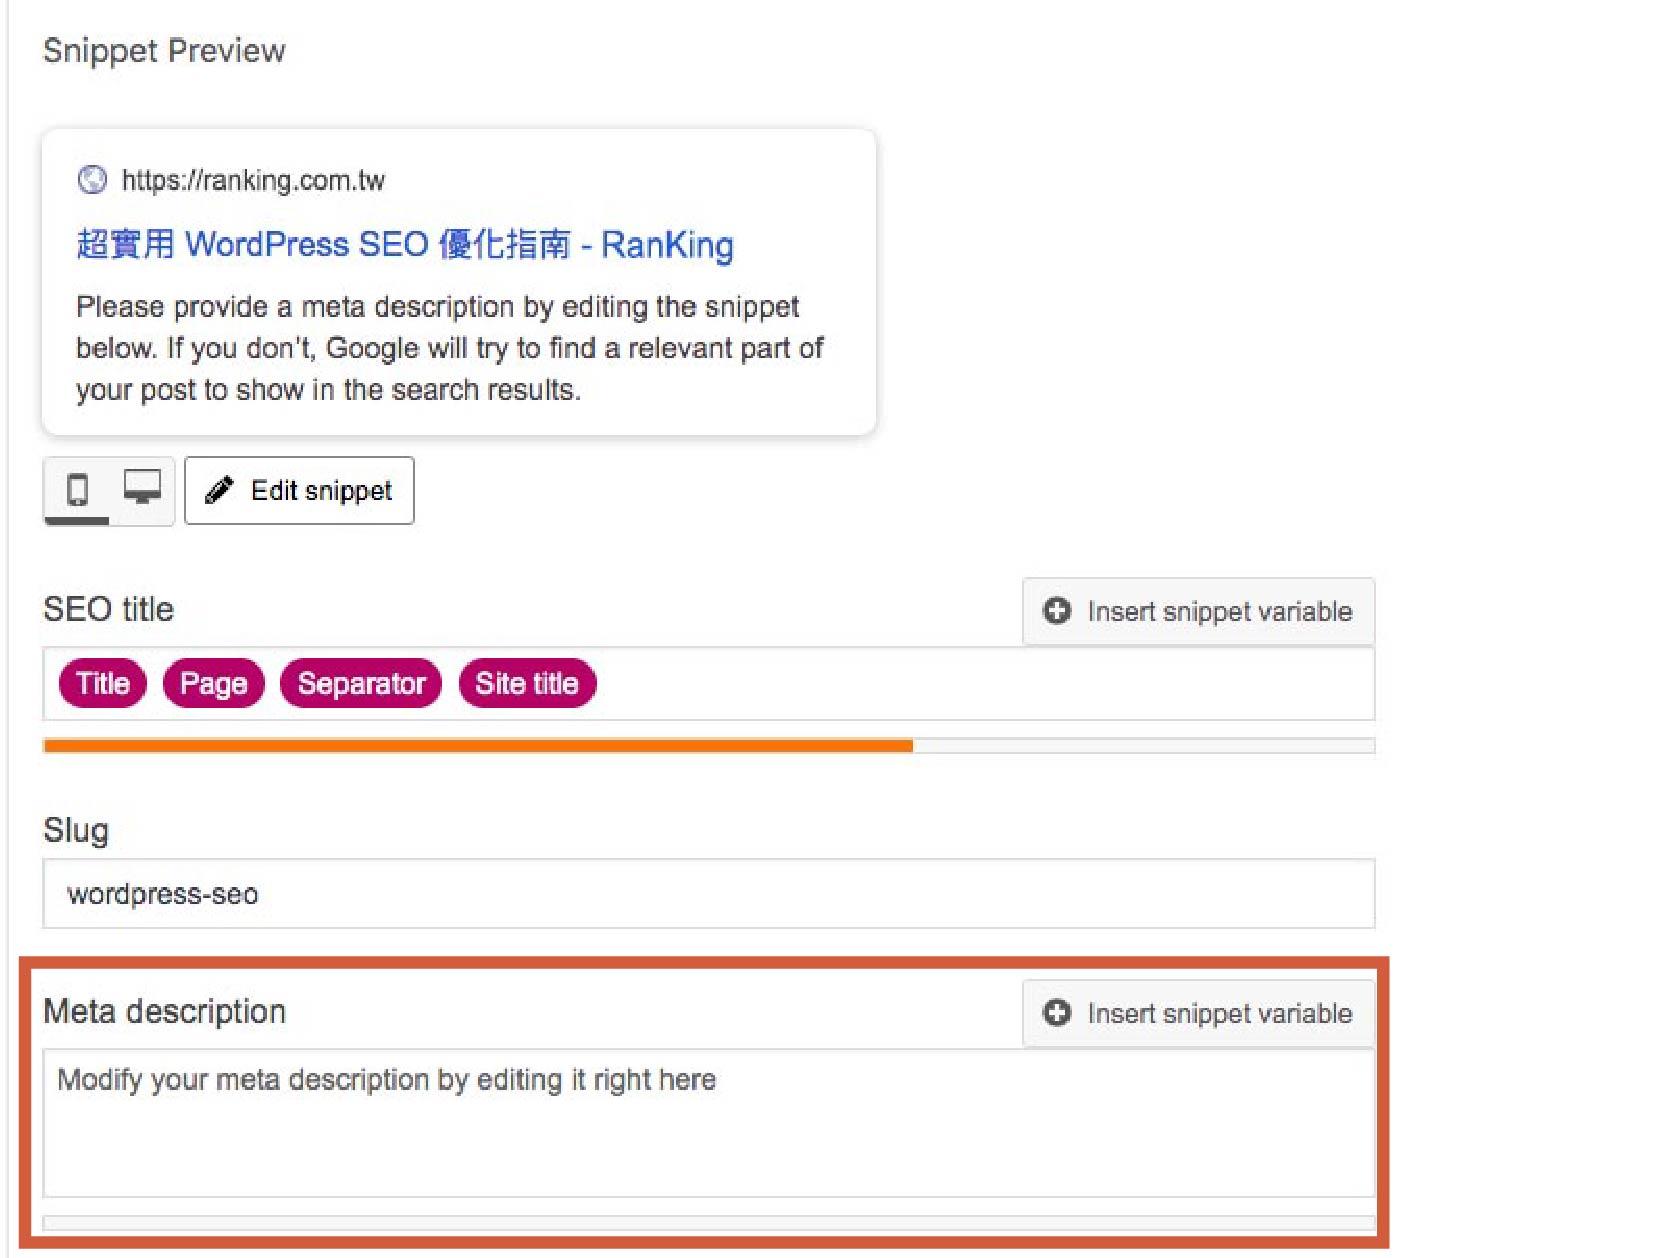 wordpress seo-meta description